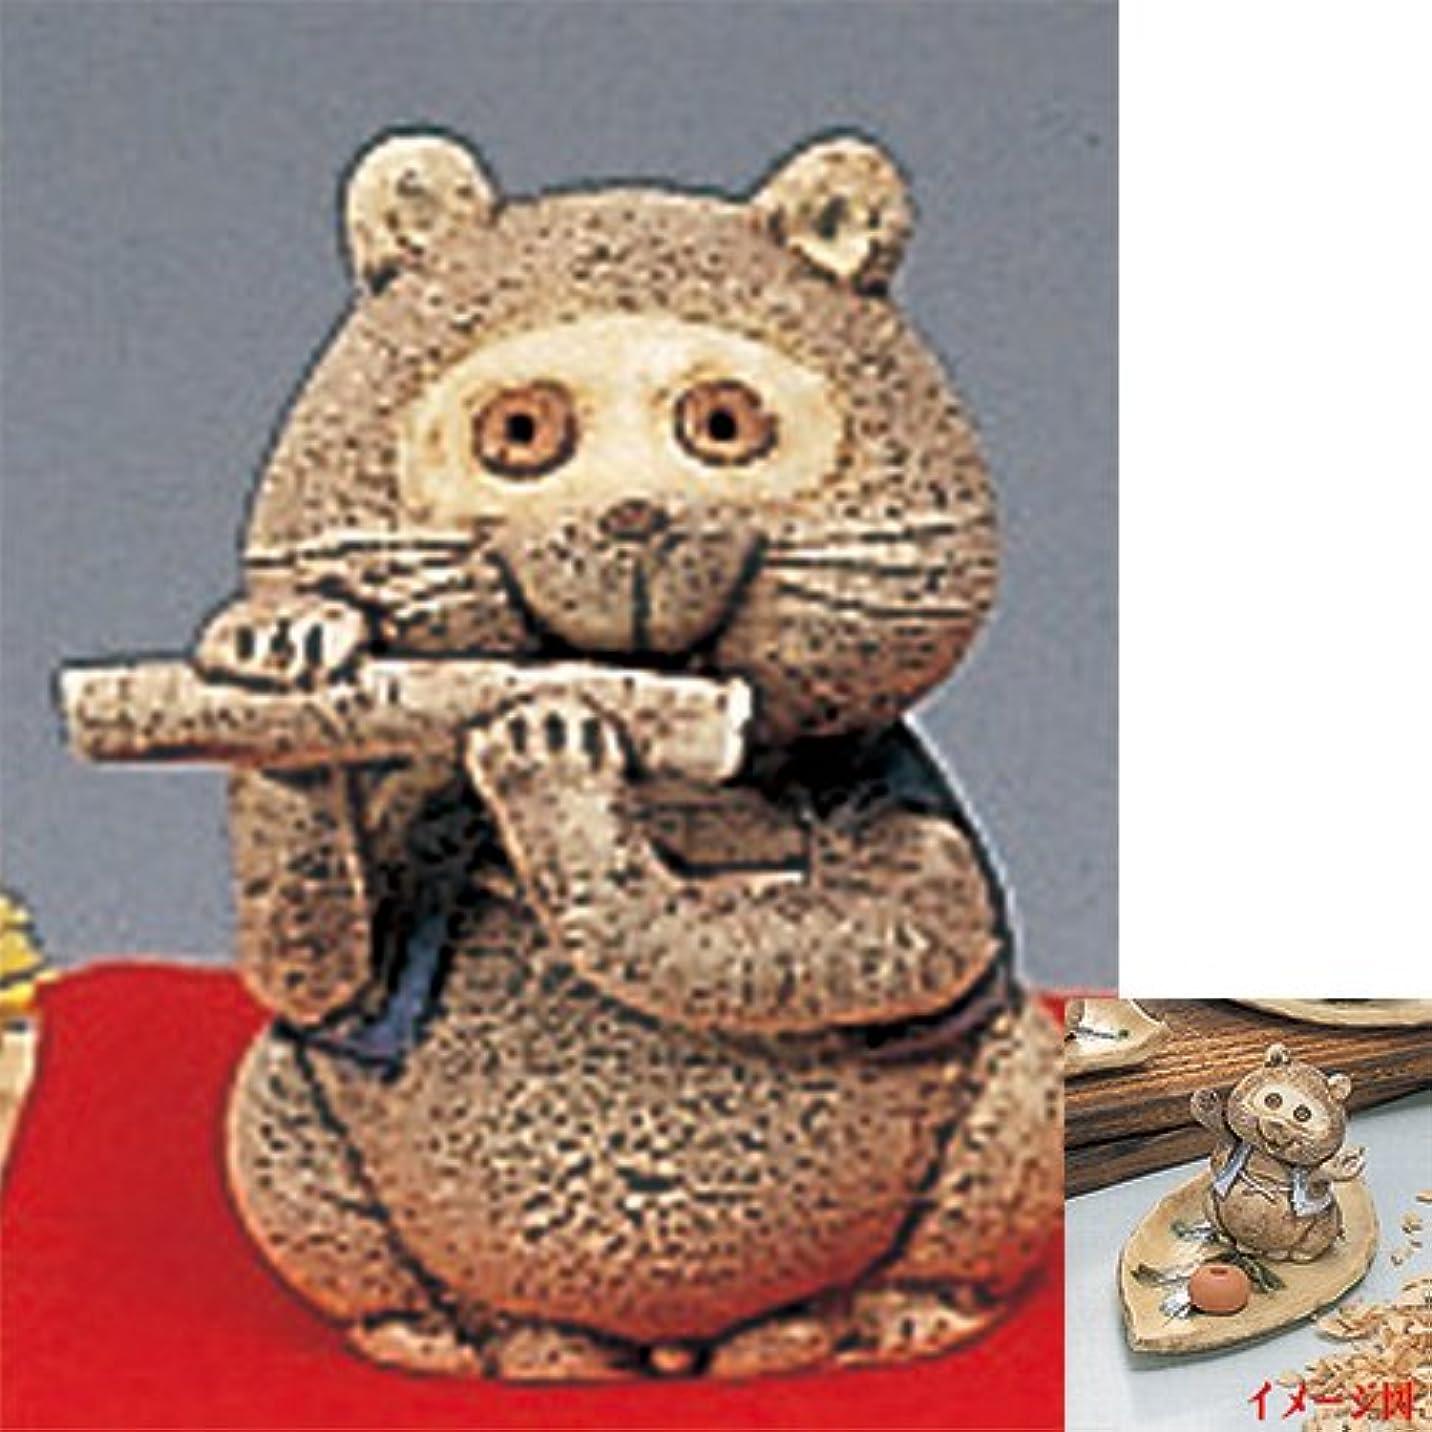 冬常習的代表して香皿 たぬき葉型香皿(笛) [H6.7cm] HANDMADE プレゼント ギフト 和食器 かわいい インテリア